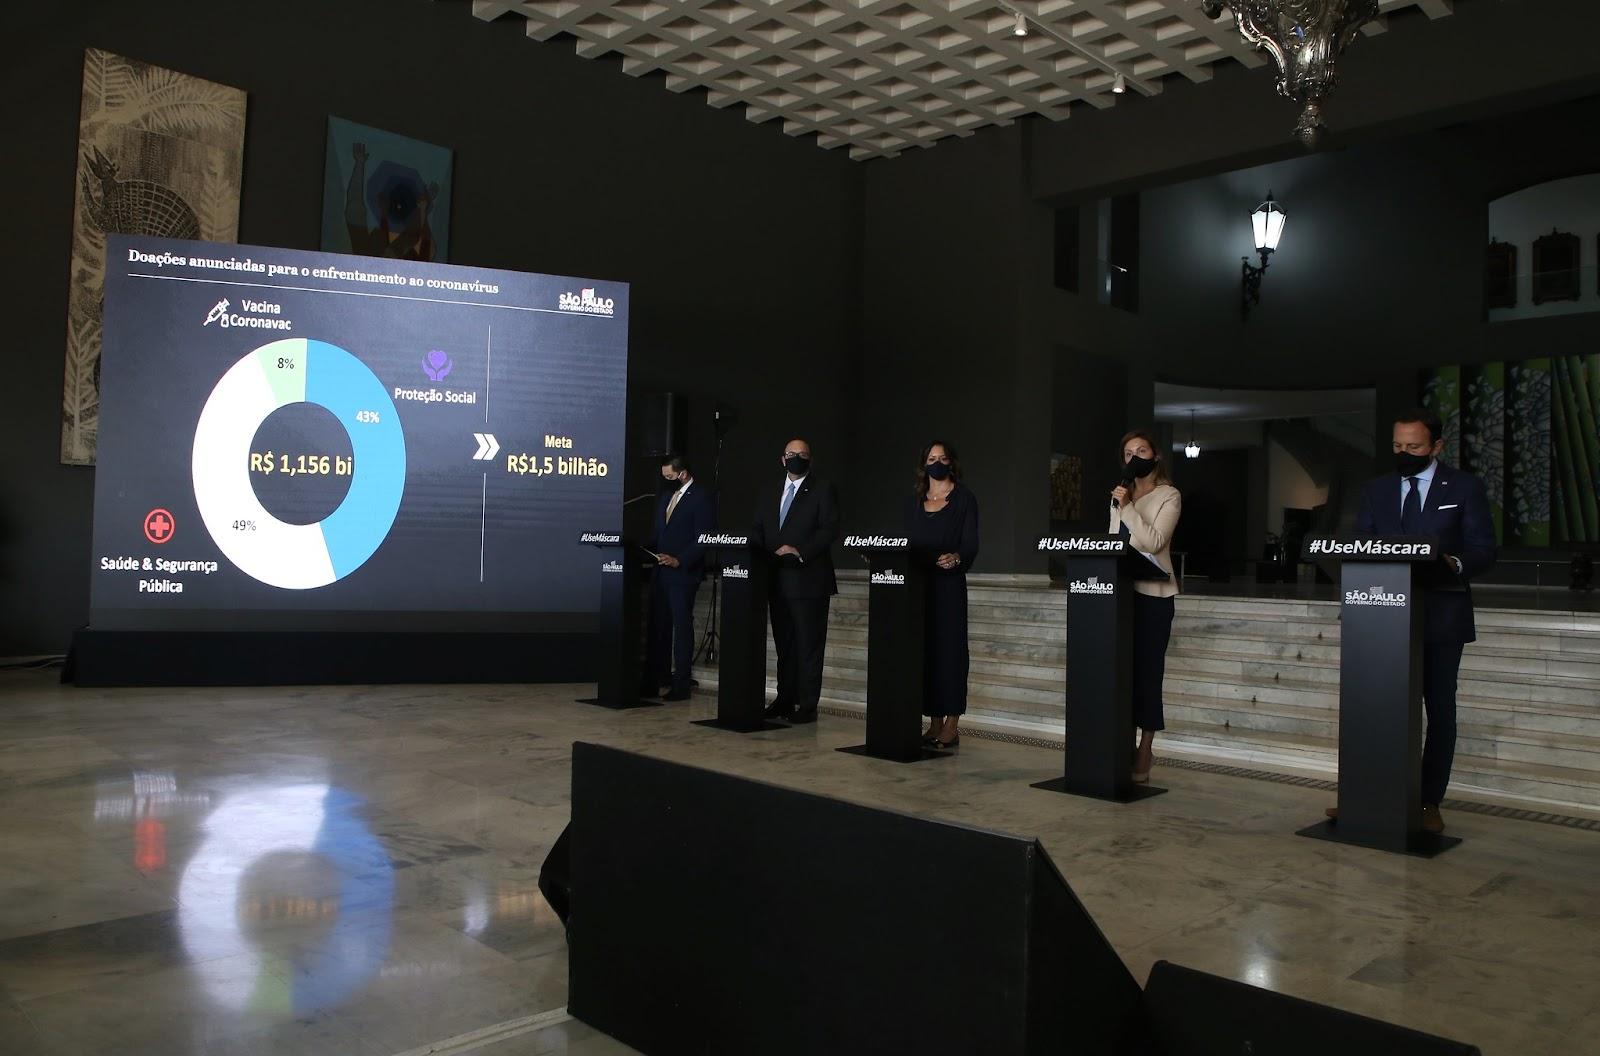 Valores de doações foram divulgadas pelo Governo de São Paulo em coletiva de imprensa. (Fonte: Governo de SP/Divulgação)